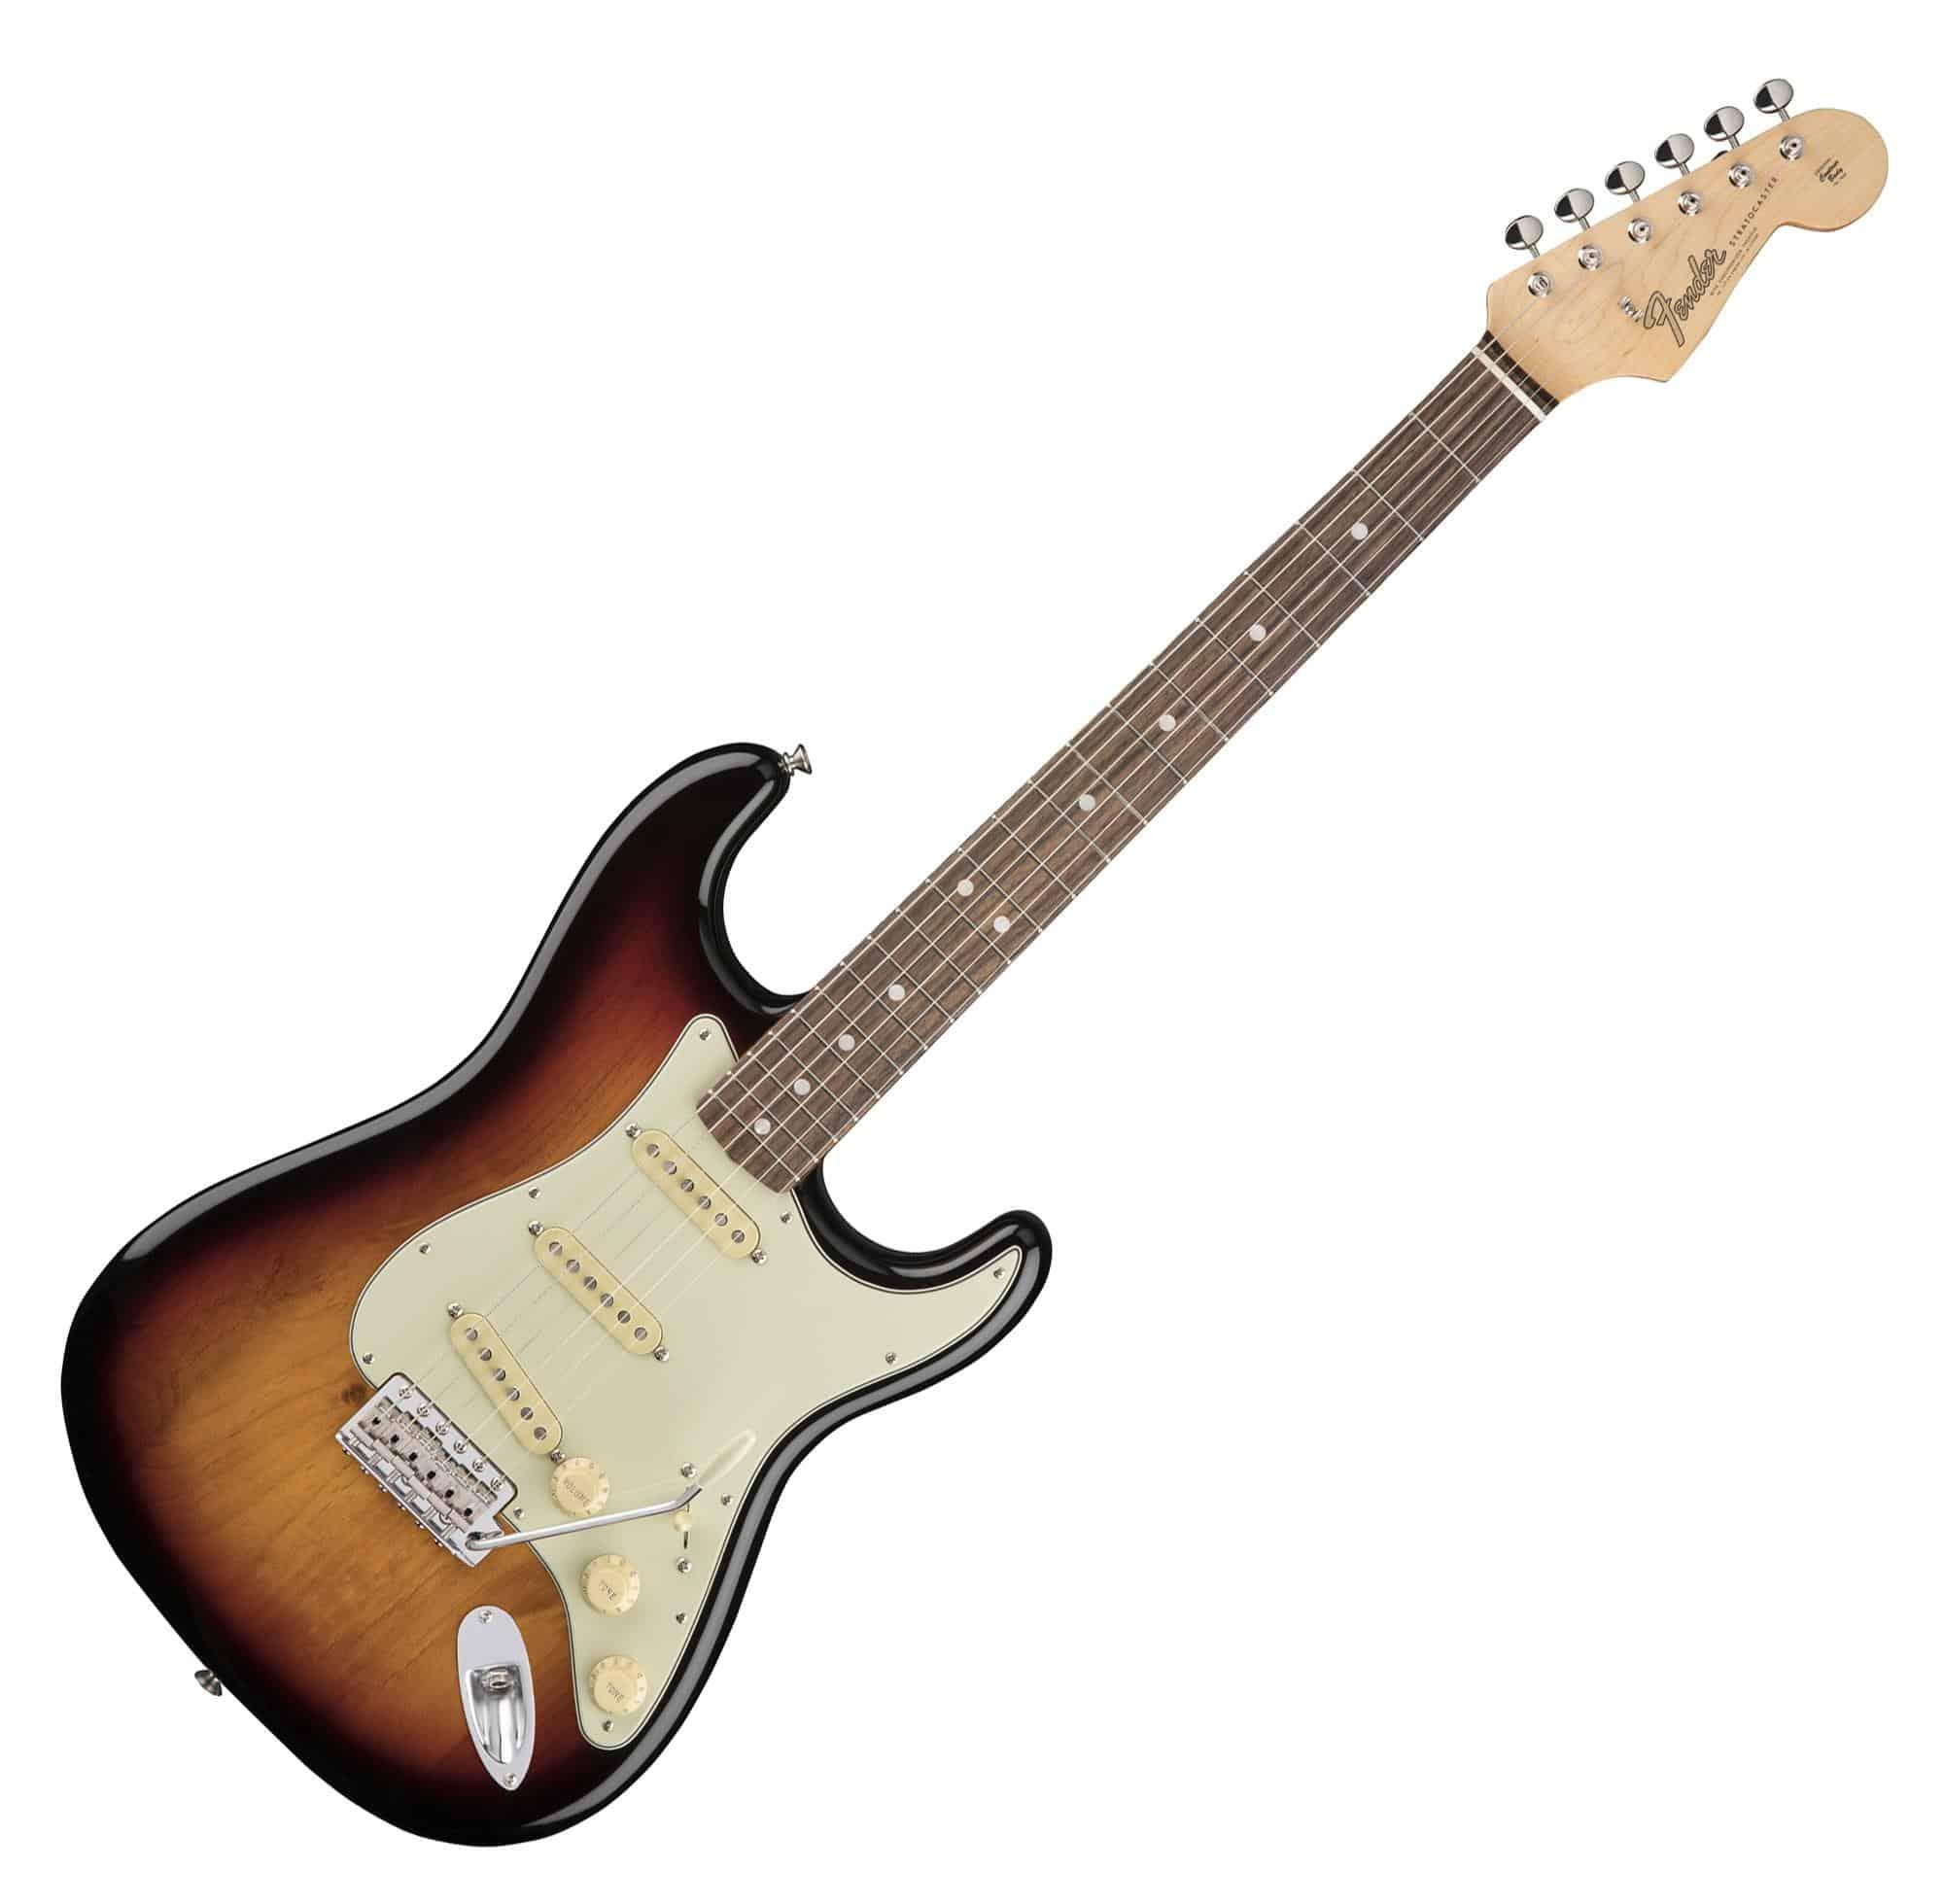 Egitarren - Fender American Original 60's Strat RW 3CS - Onlineshop Musikhaus Kirstein